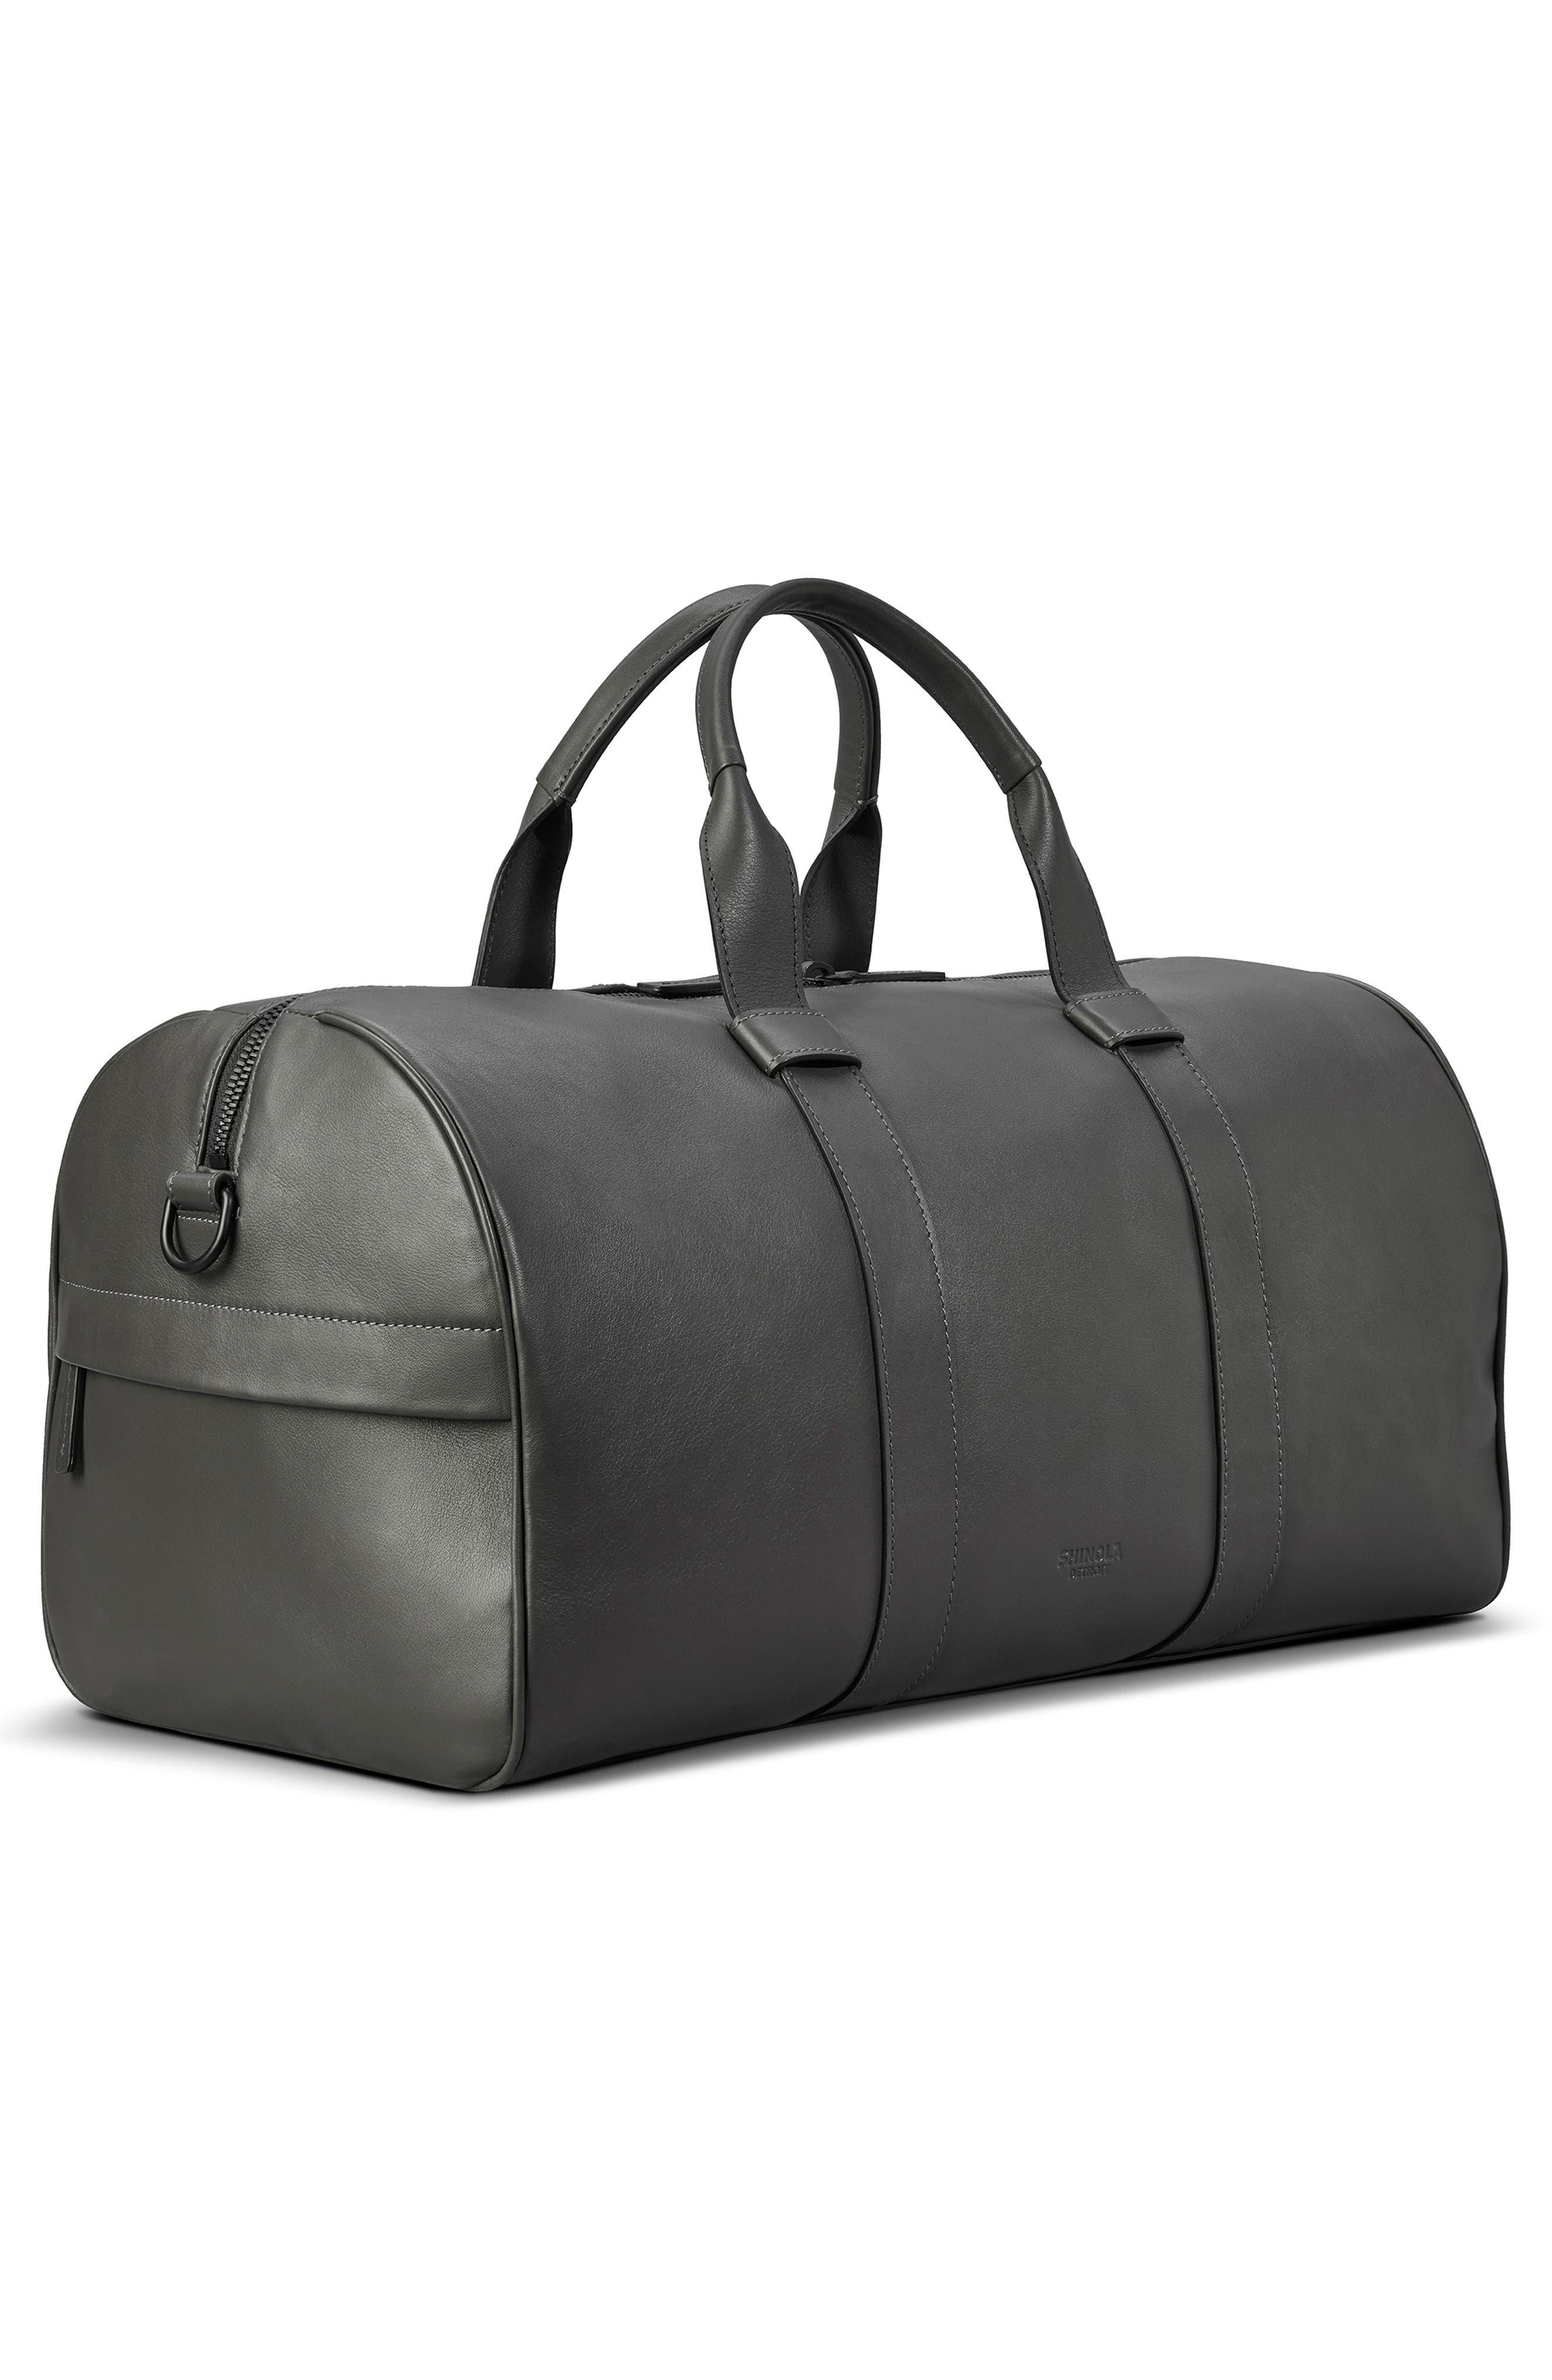 Shinola Bags Guardian Leather Duffle Bag